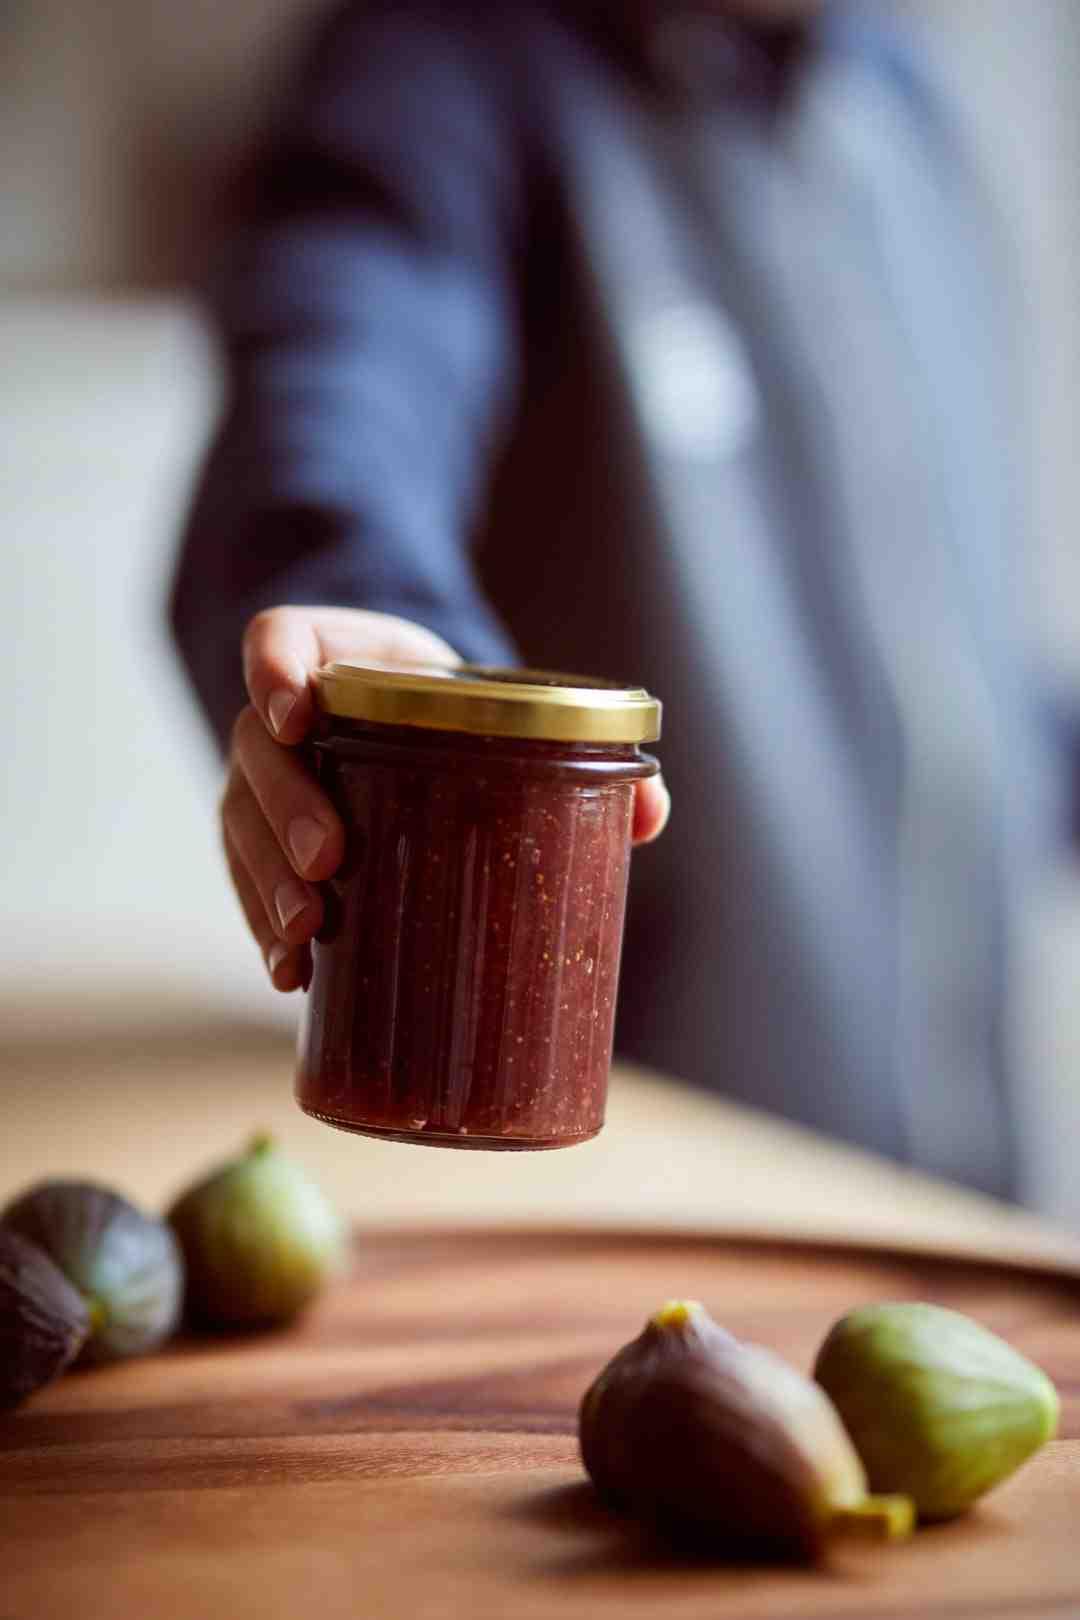 Comment réduire l'acidité du vinaigre?